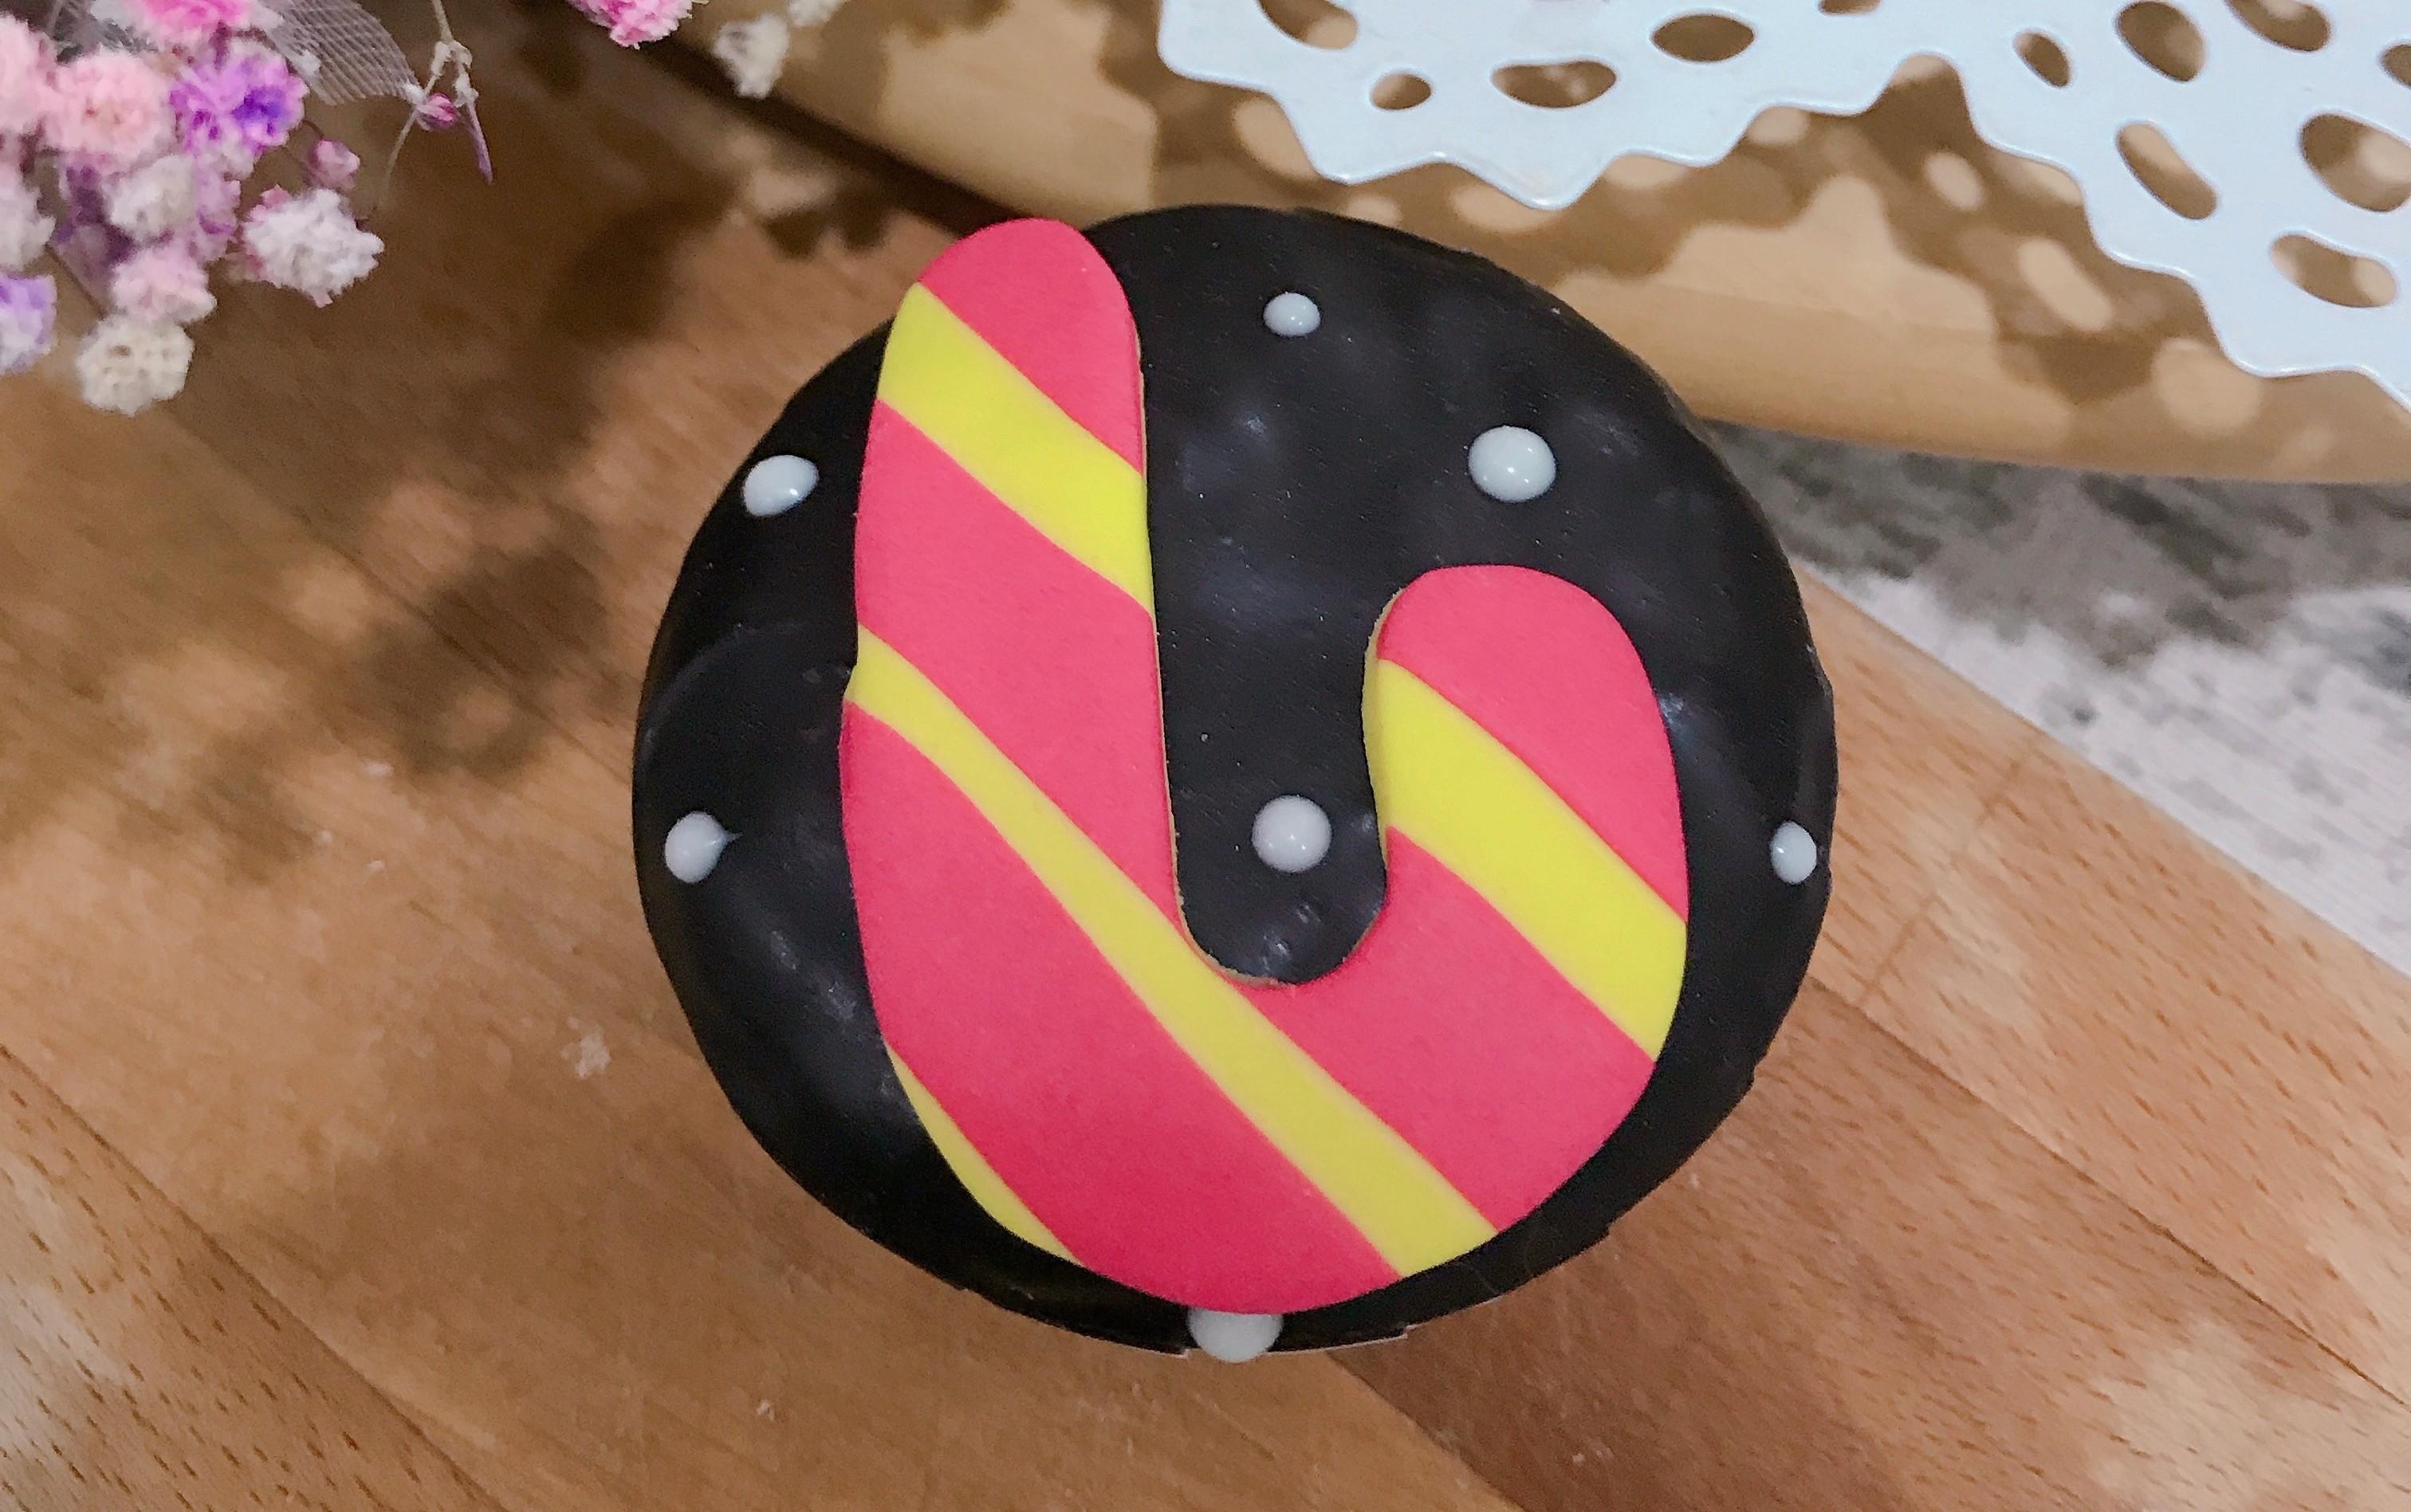 聖誕節 造型杯子蛋糕~~迷妳款~~拐杖造型10入一組